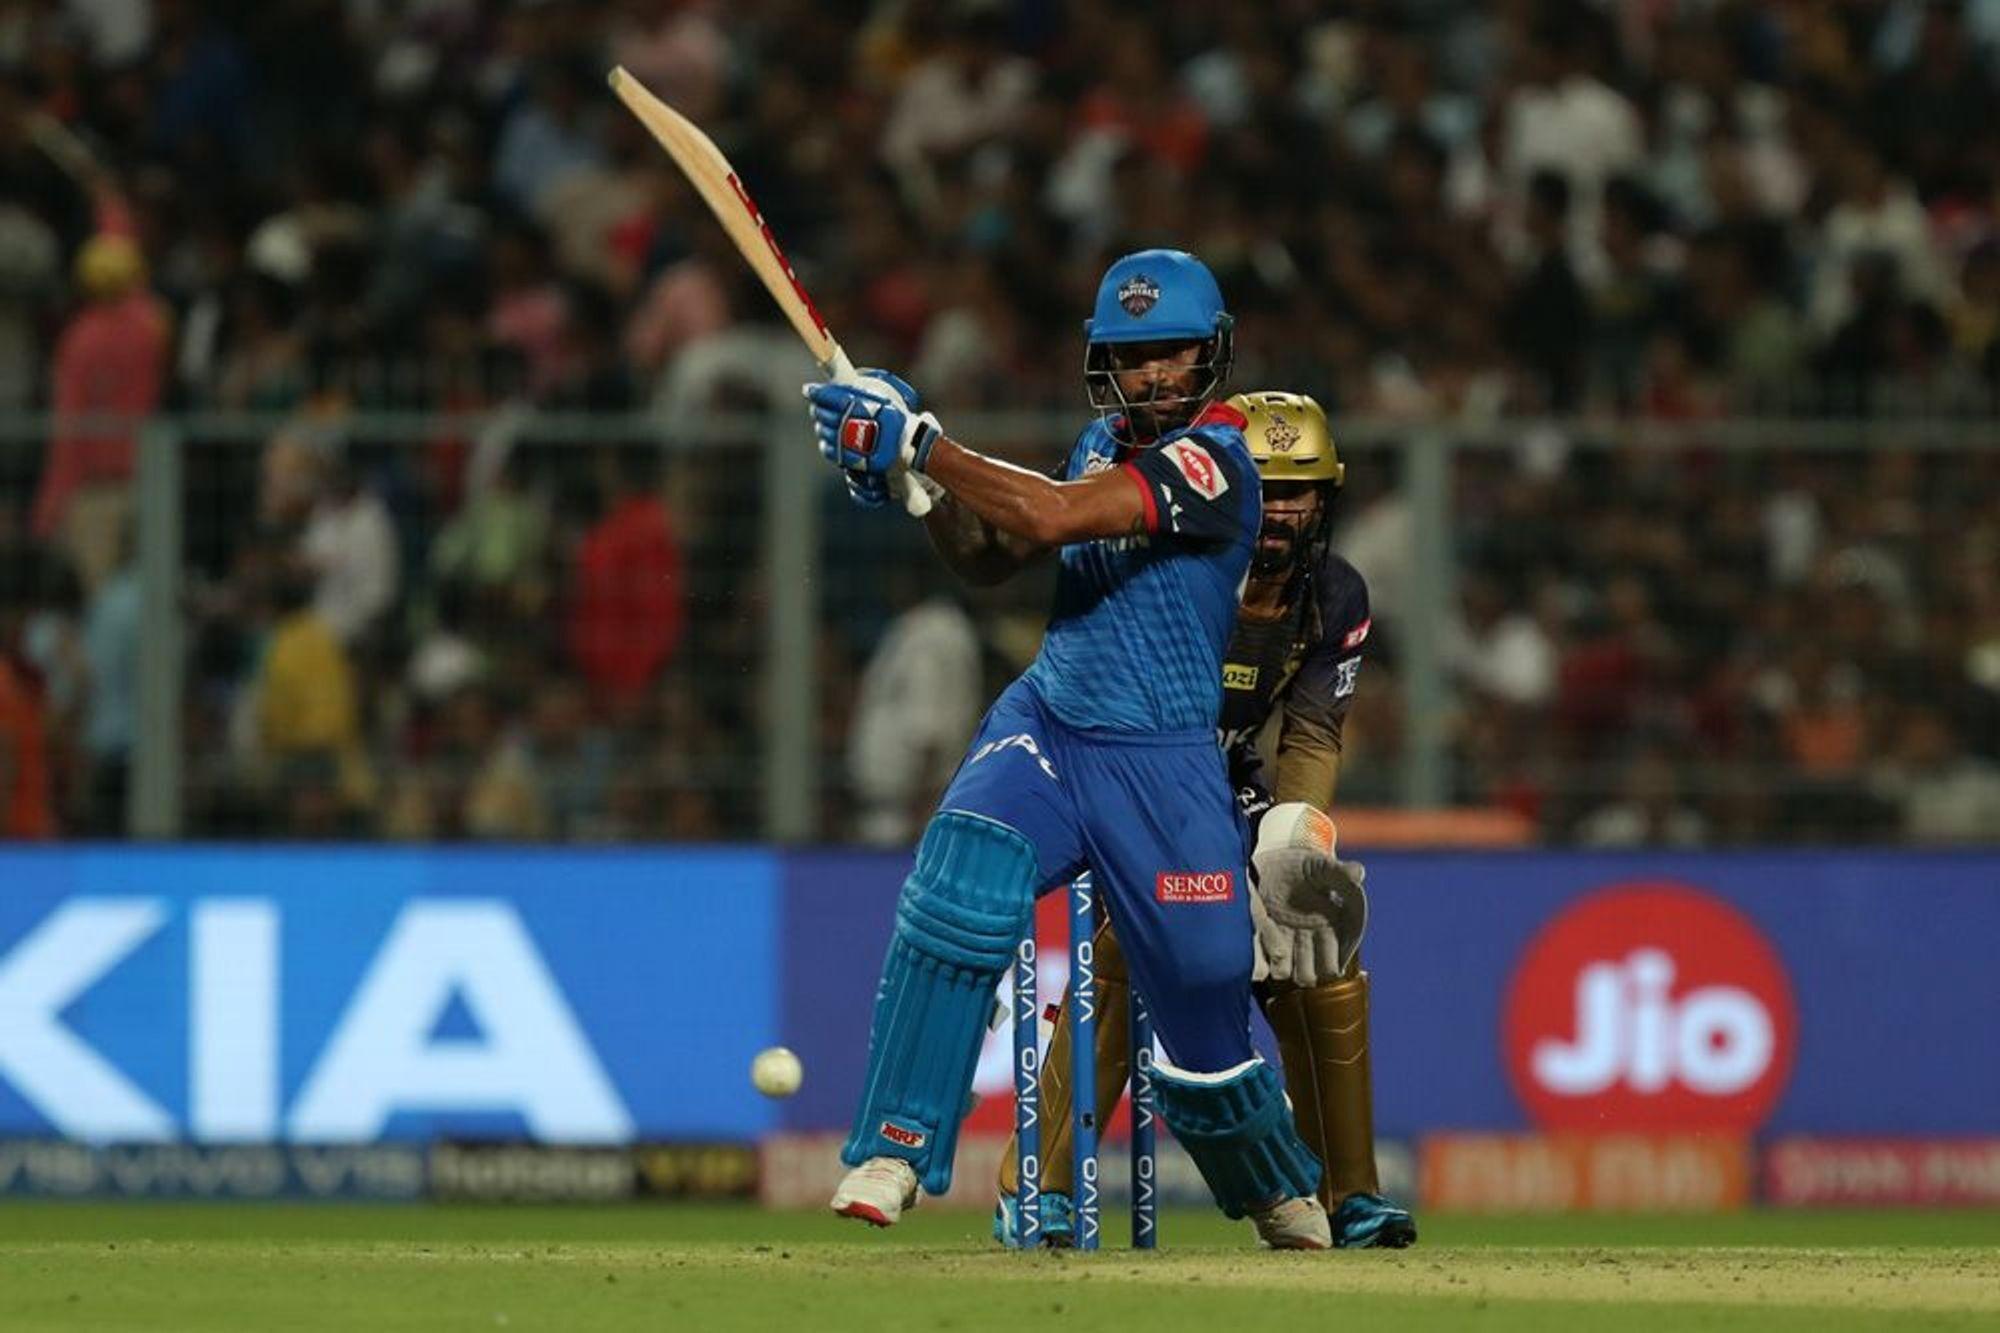 KKRvsDC: दिल्ली कैपिटल्स को जीत दिलाकर ट्विटर पर छाए शिखर धवन, इस खिलाड़ी का उड़ा मजाक 28